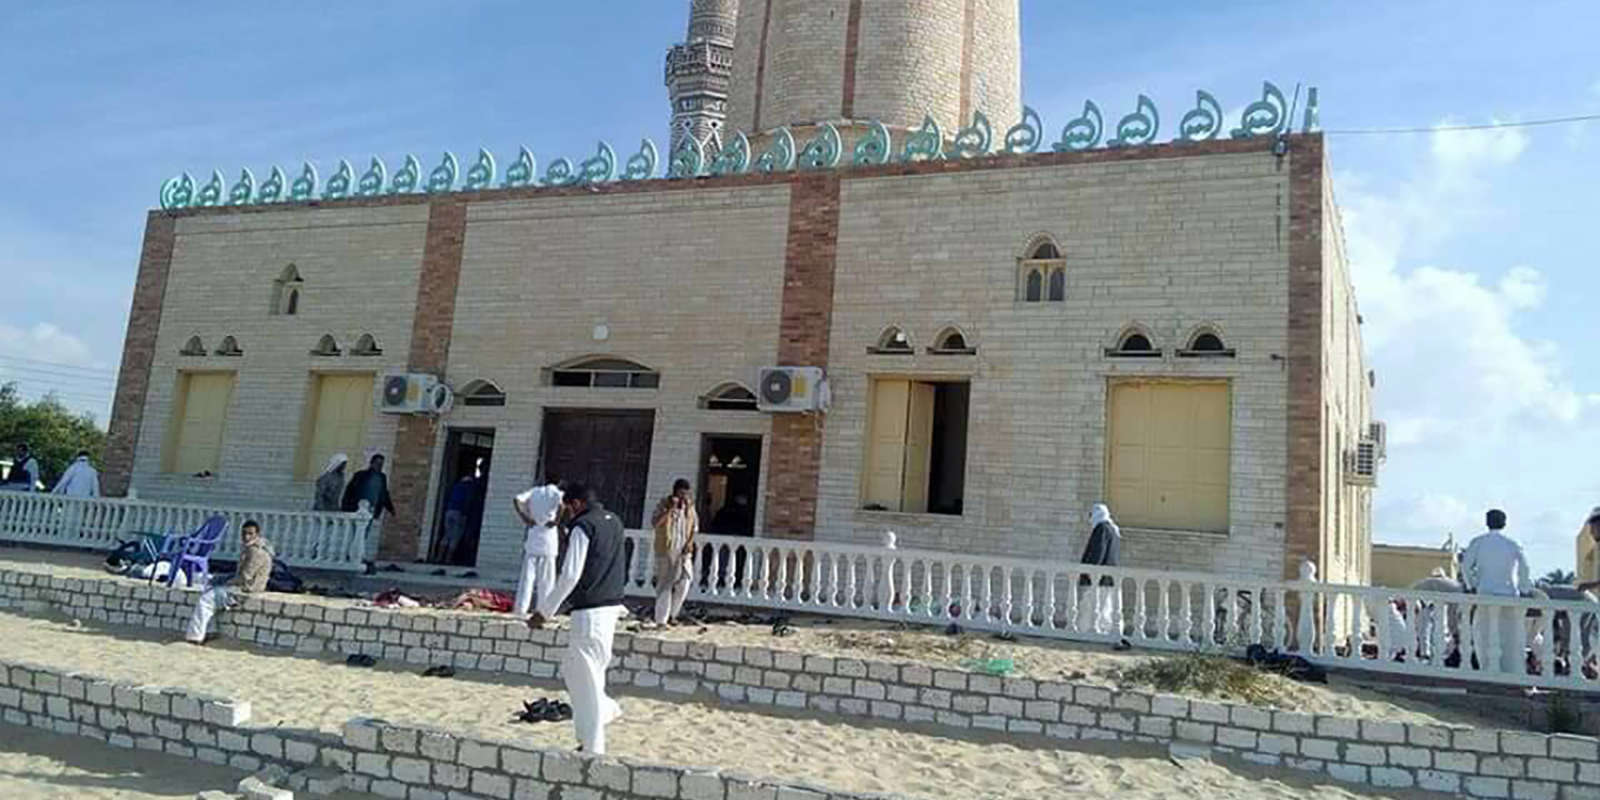 La mosquée Al-Rawdah, en Egypte, visée par une attaque, vendredi 24 novembre, qui a fait au moins 235 morts dans le Nord-Sinaï.